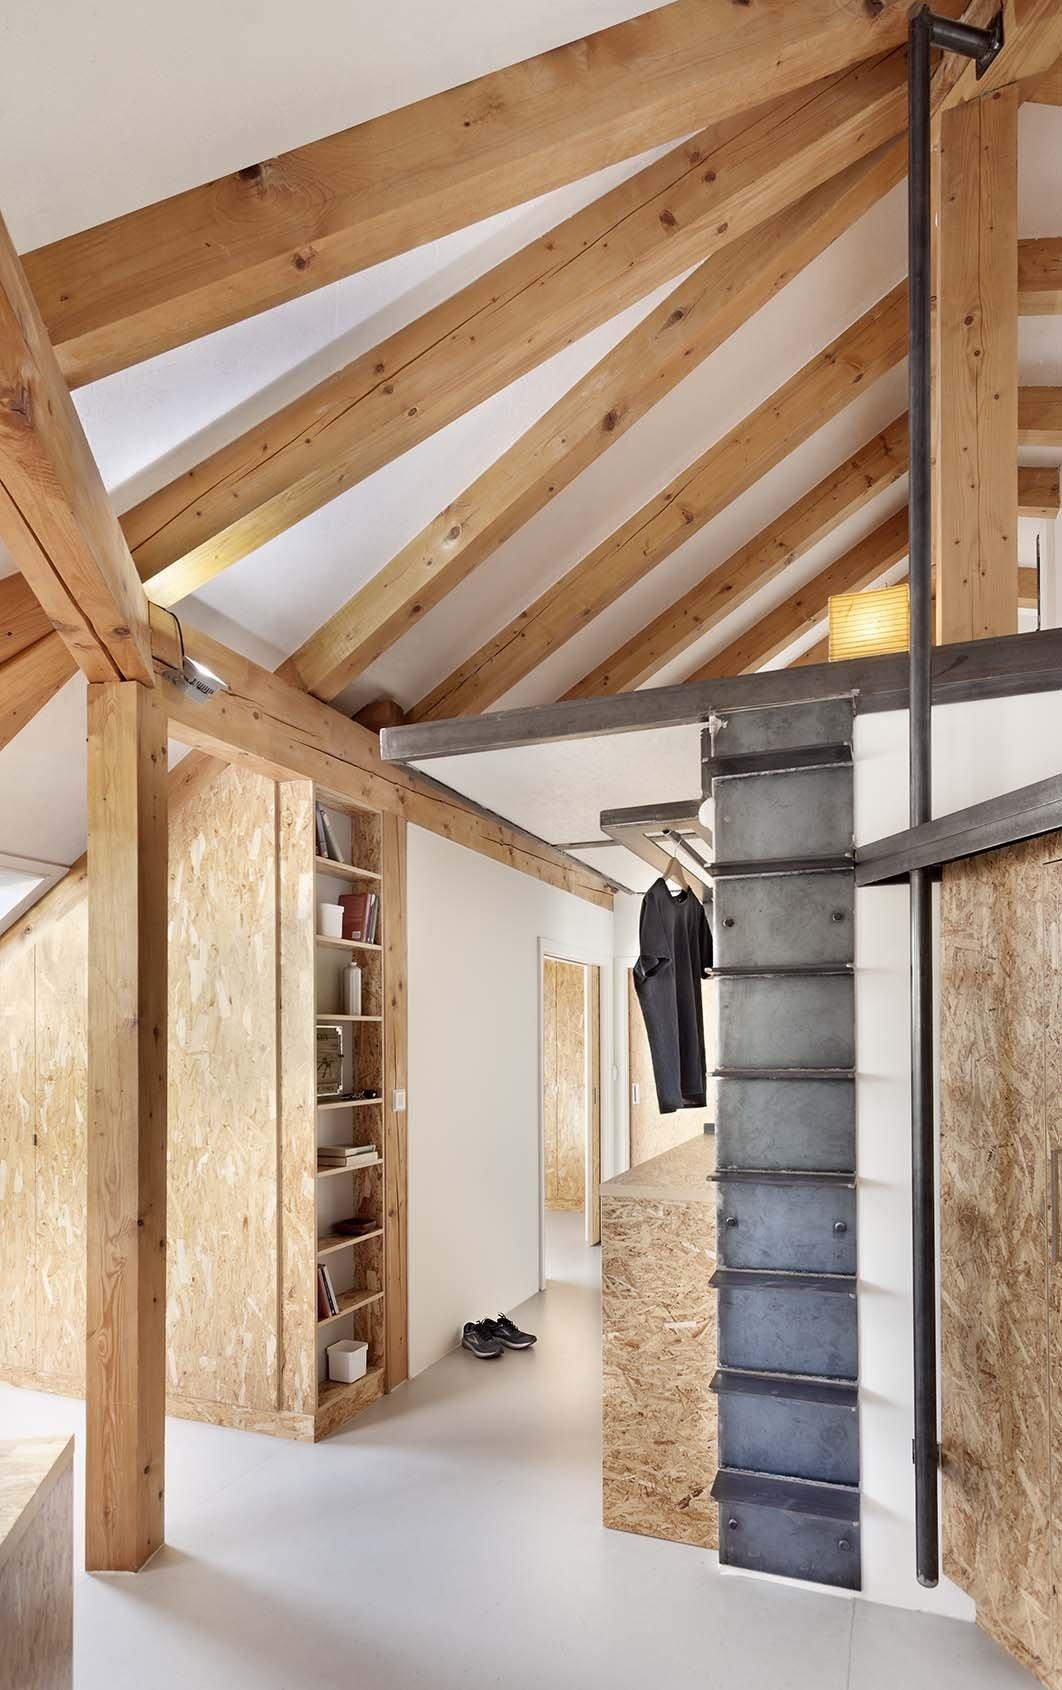 Návrh interieru půdní vestavby probíhal v průběhu realizace stavebních prací. V monochromatickém interieru se výrazně uplatňují dřevěné masivní prvky nového…